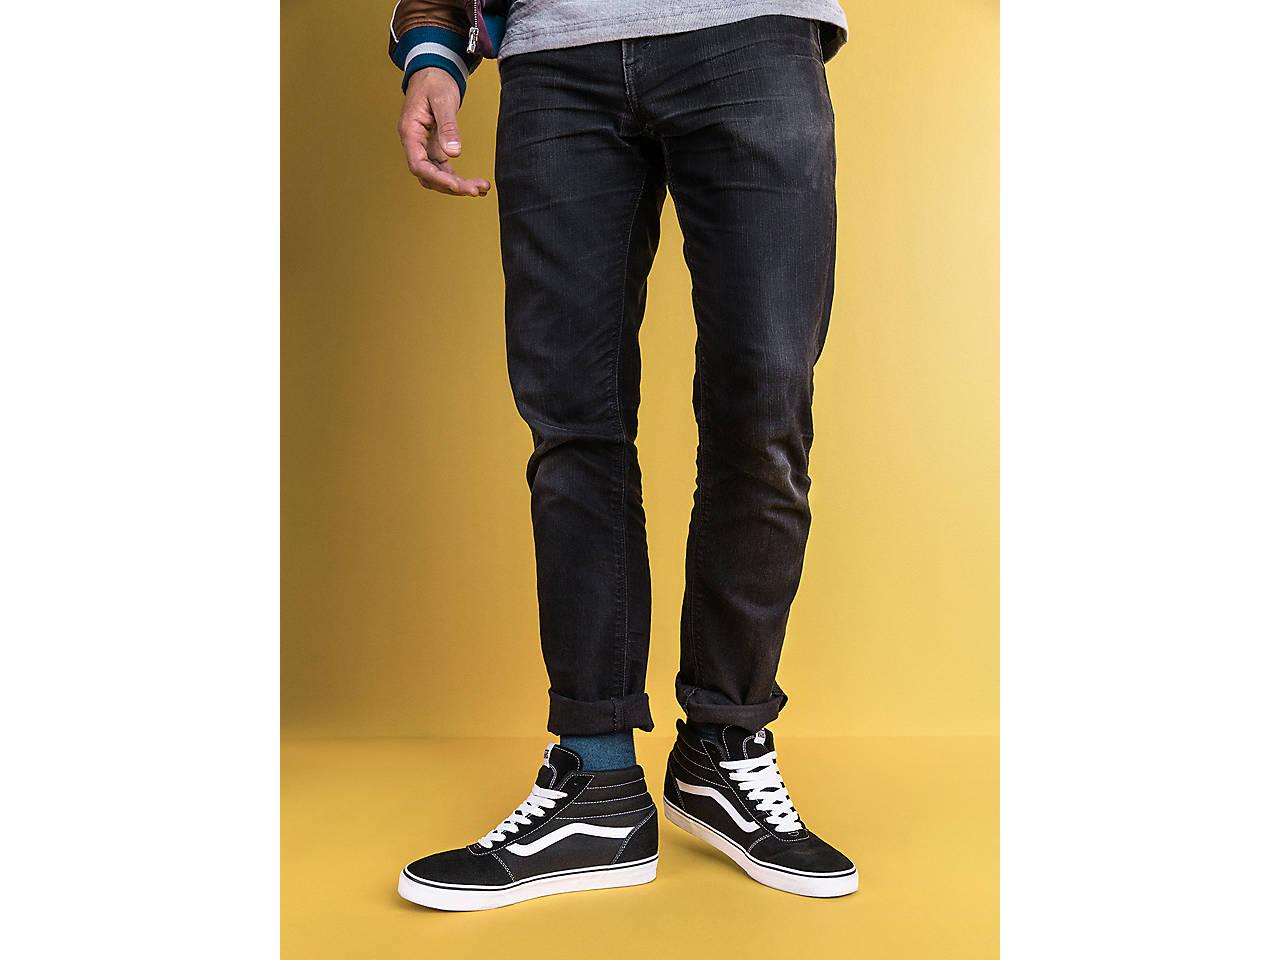 2e6113394a Vans Ward Hi Suede High-Top Sneaker - Men s Men s Shoes